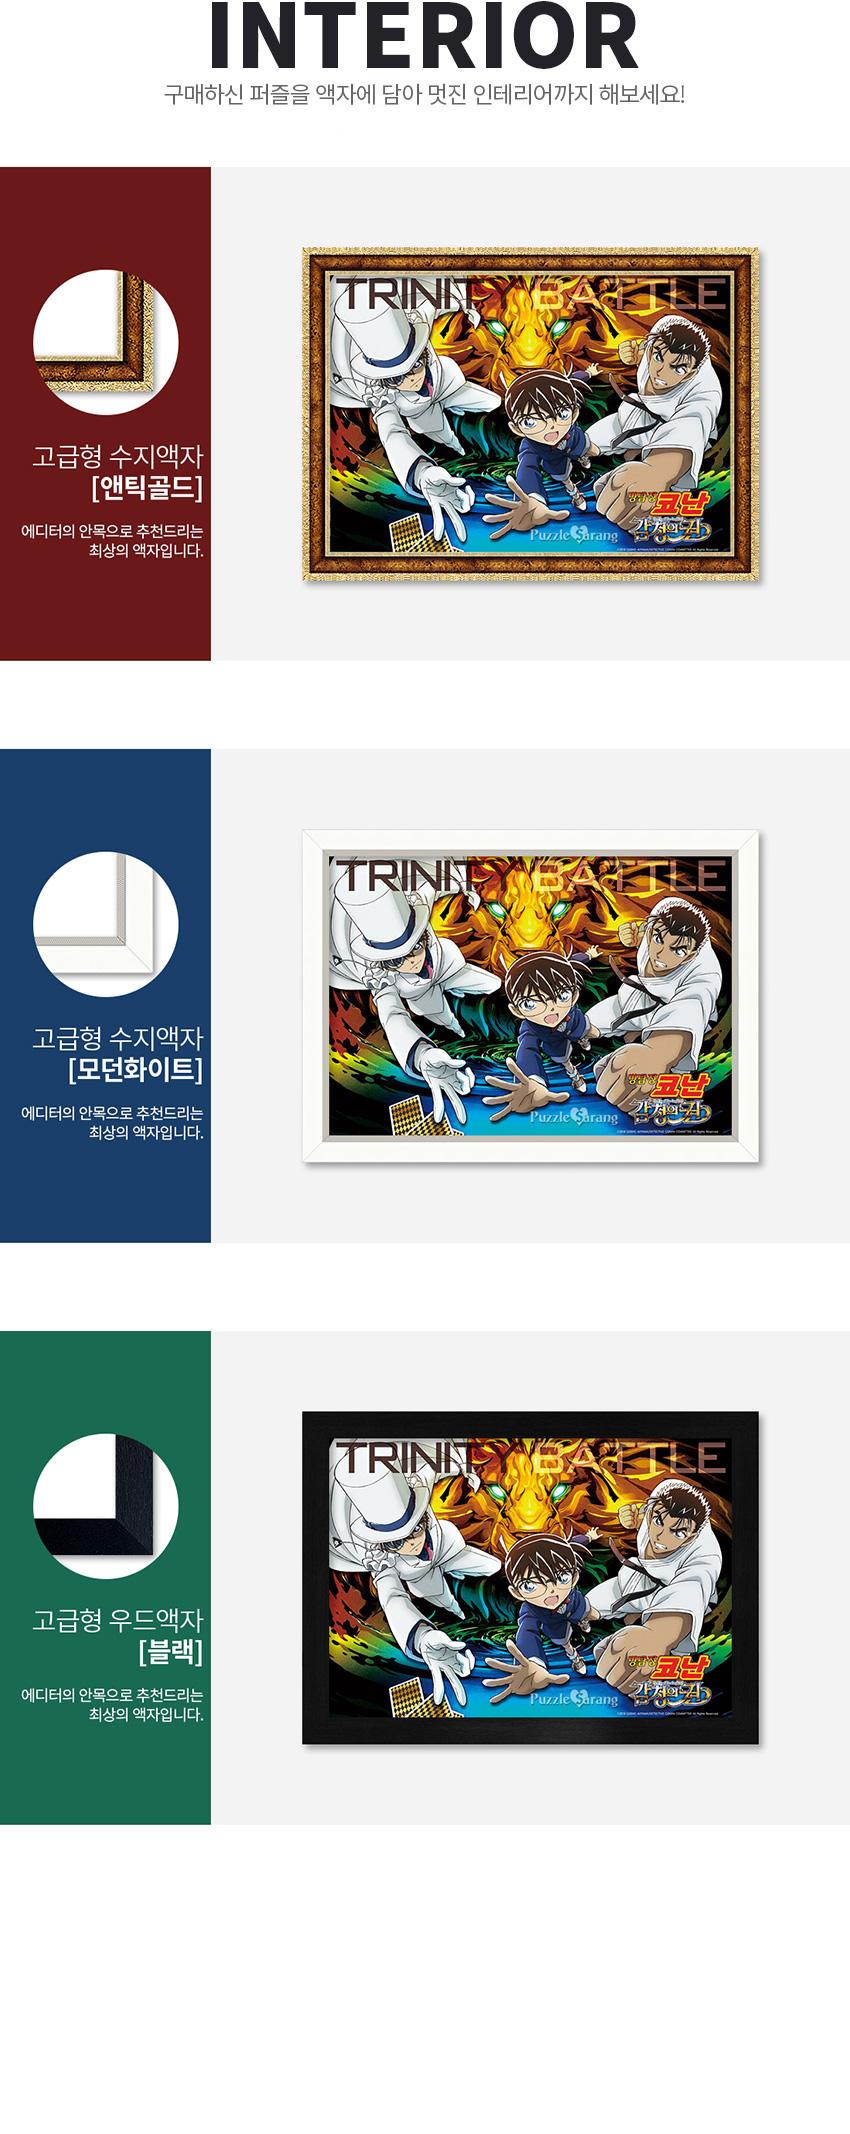 500피스 직소퍼즐 - 명탐정 코난 감청의 권 배틀 - 퍼즐사랑, 12,000원, 조각/퍼즐, 풍경 직소퍼즐